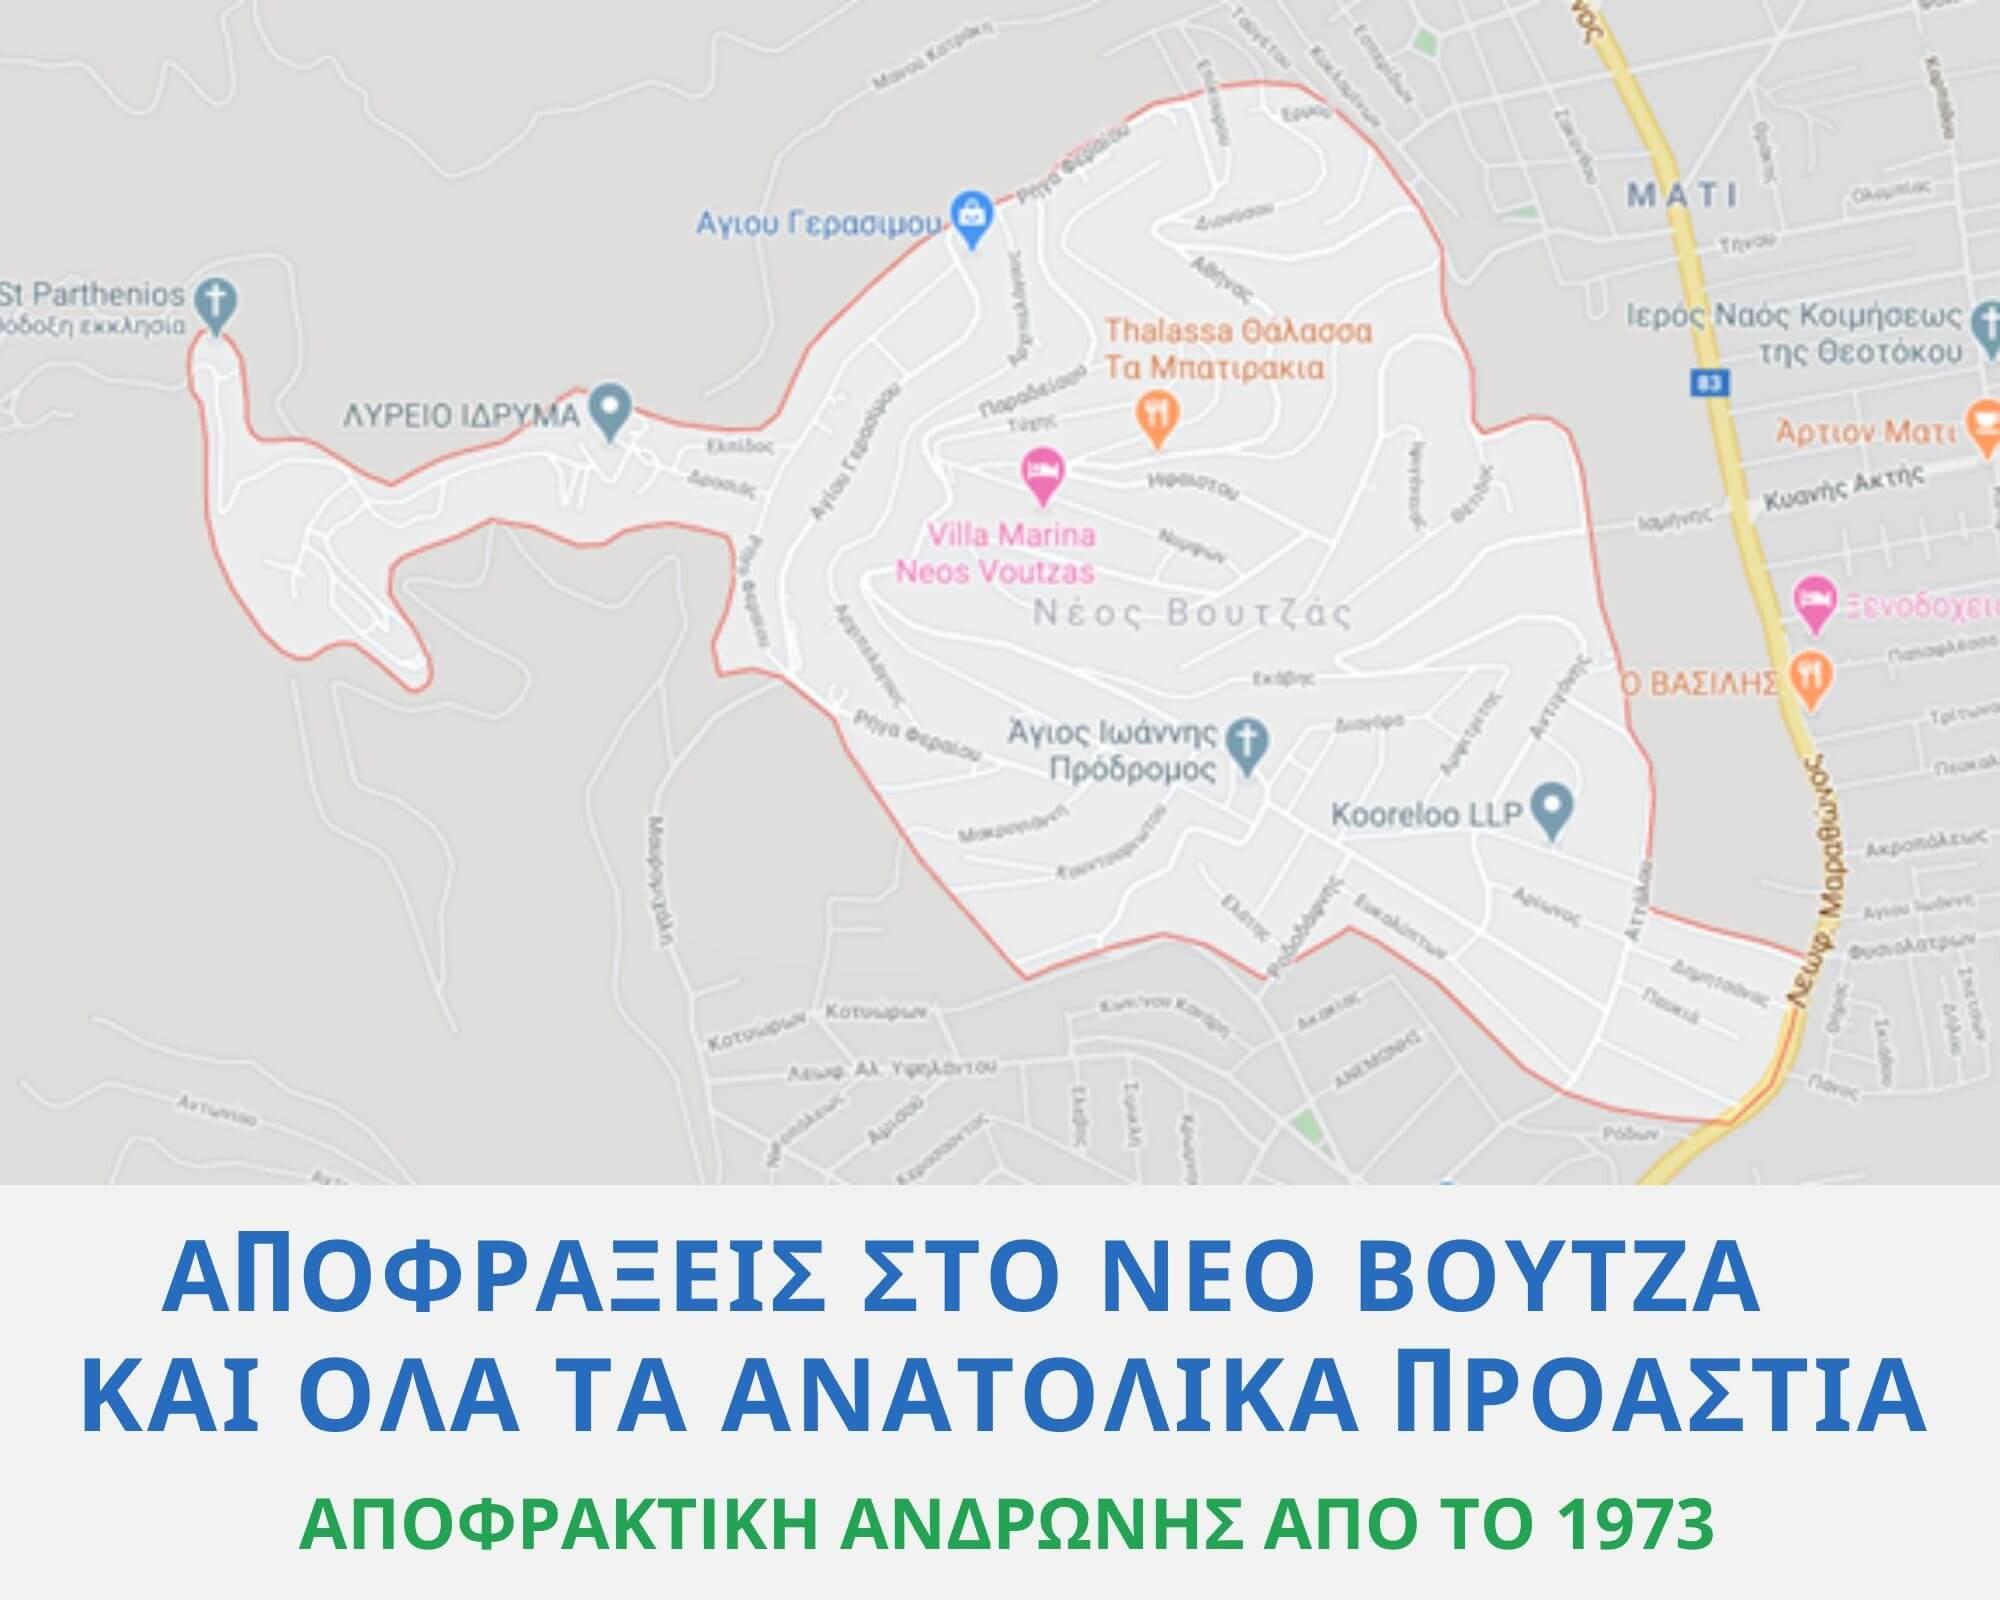 Αποφράξεις Νέος Βουτζάς - 213.02.50.818 - Αποφράξεις Αθήνα